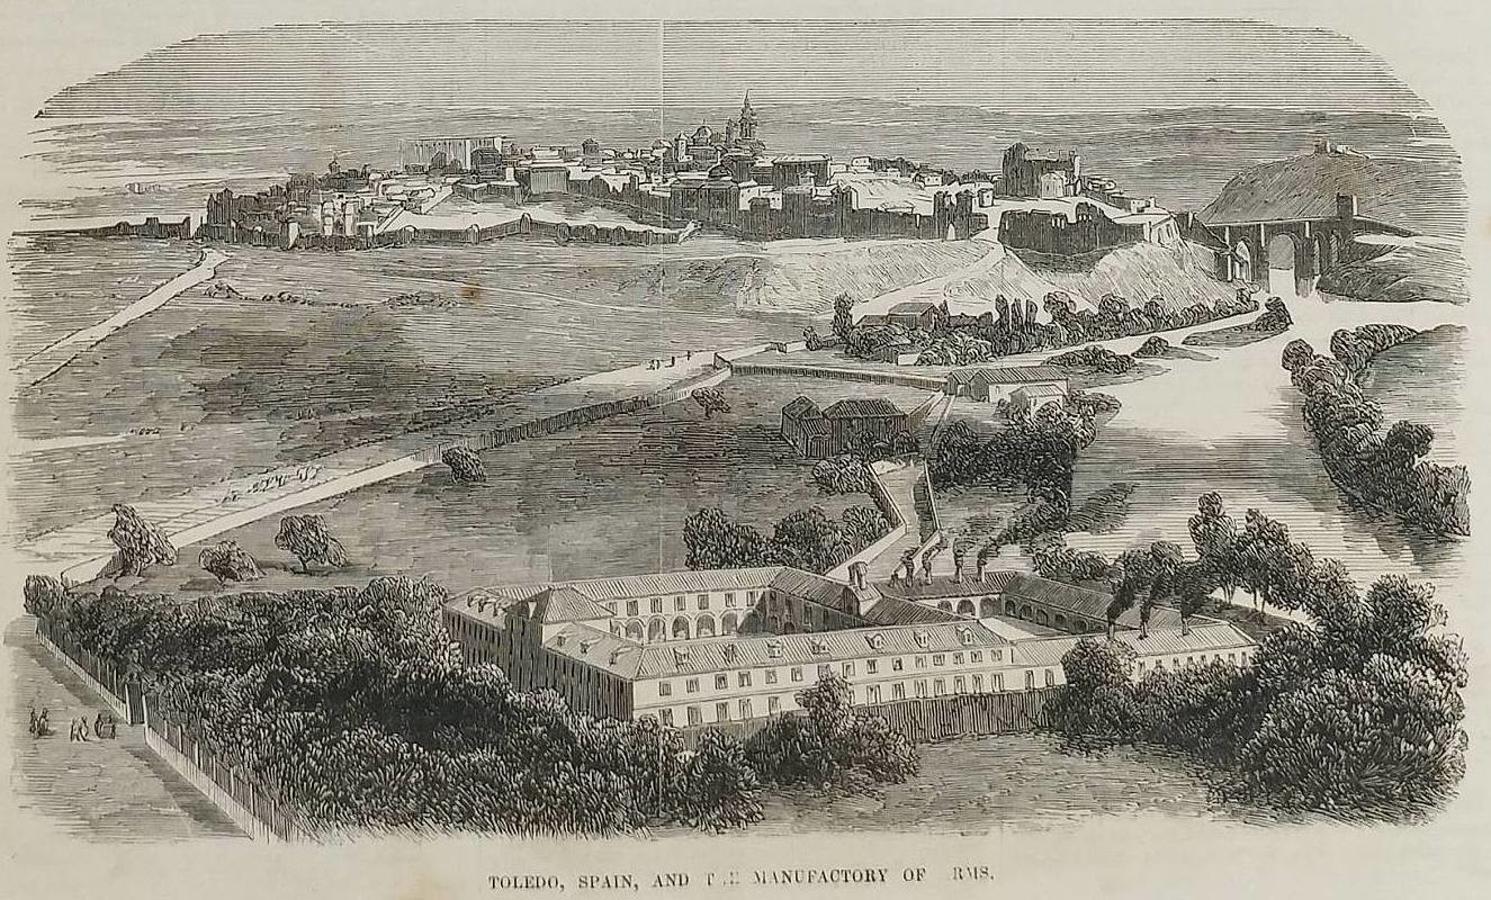 Un punto de partida para el despertar: la fábrica de armas con Toledo al fondo. Grabado aparecido en la revista Gleason's Pictorial Drawing-Room Companion, vol. VII, nº 16. Boston (USA), 21/10/1854